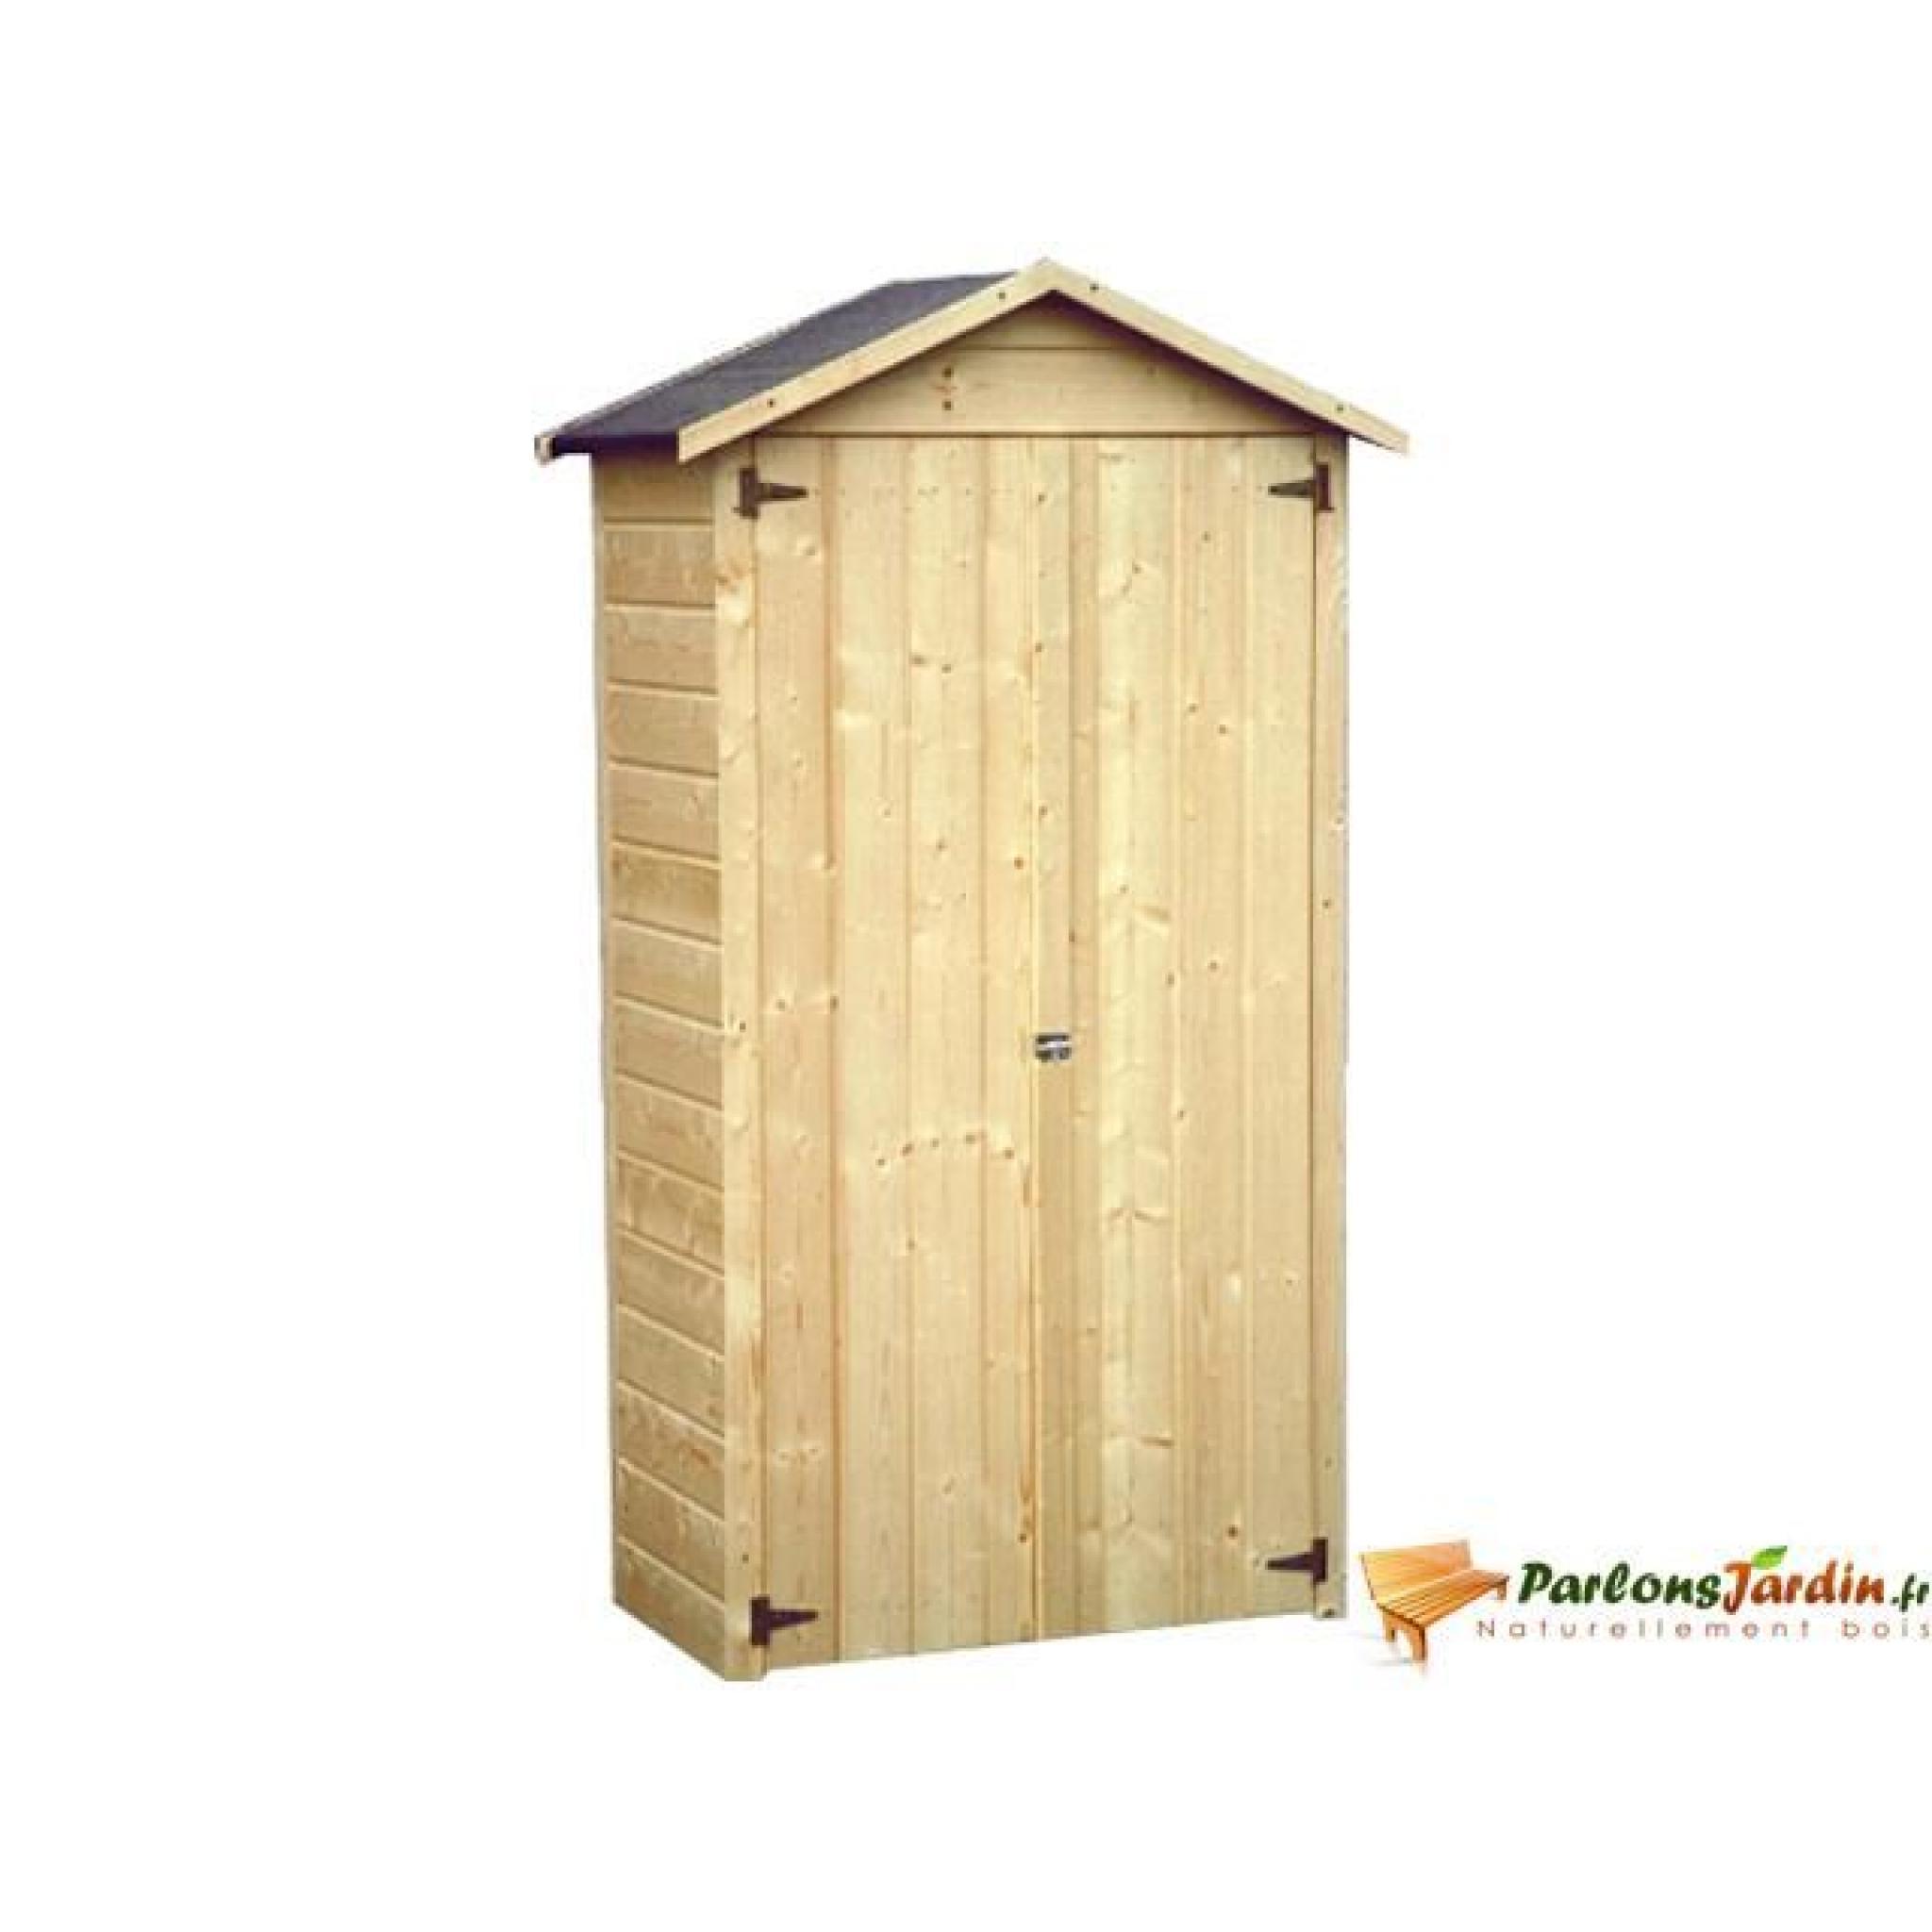 Coffre De Jardin Jura 0,47M² avec Cabane De Jardin En Bois Pas Cher